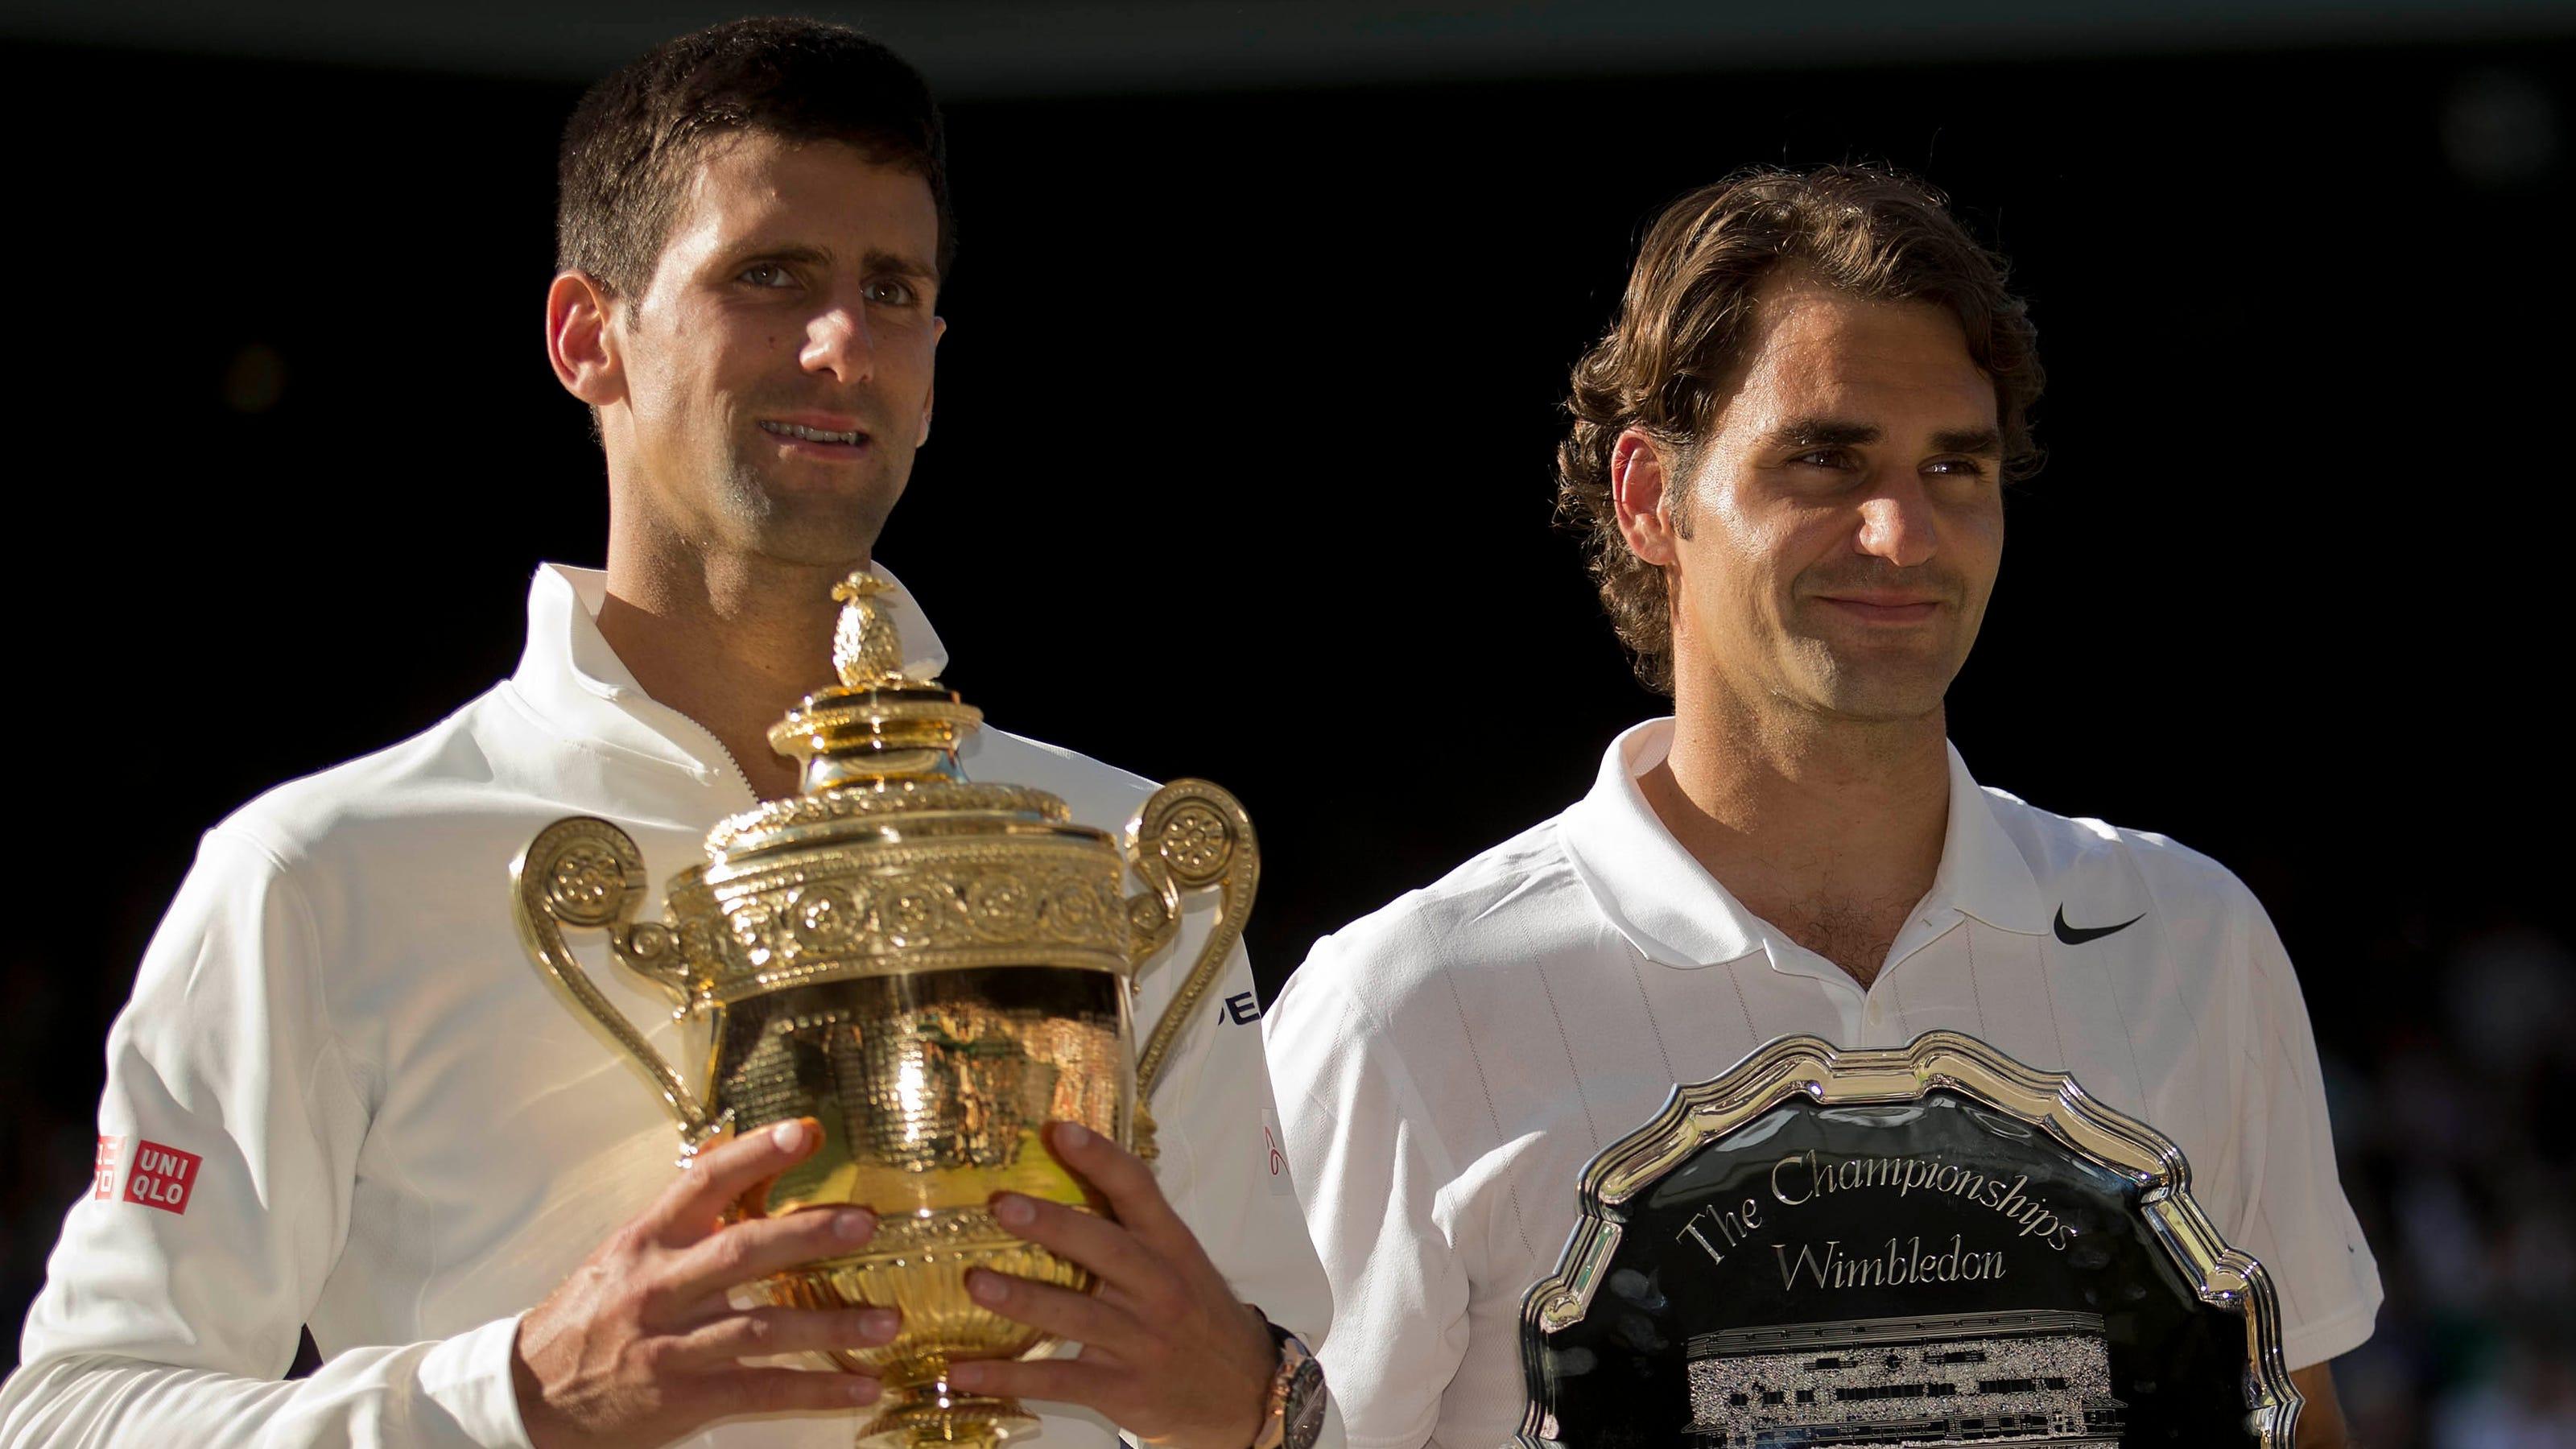 Wimbledon Finale 2021 Tv